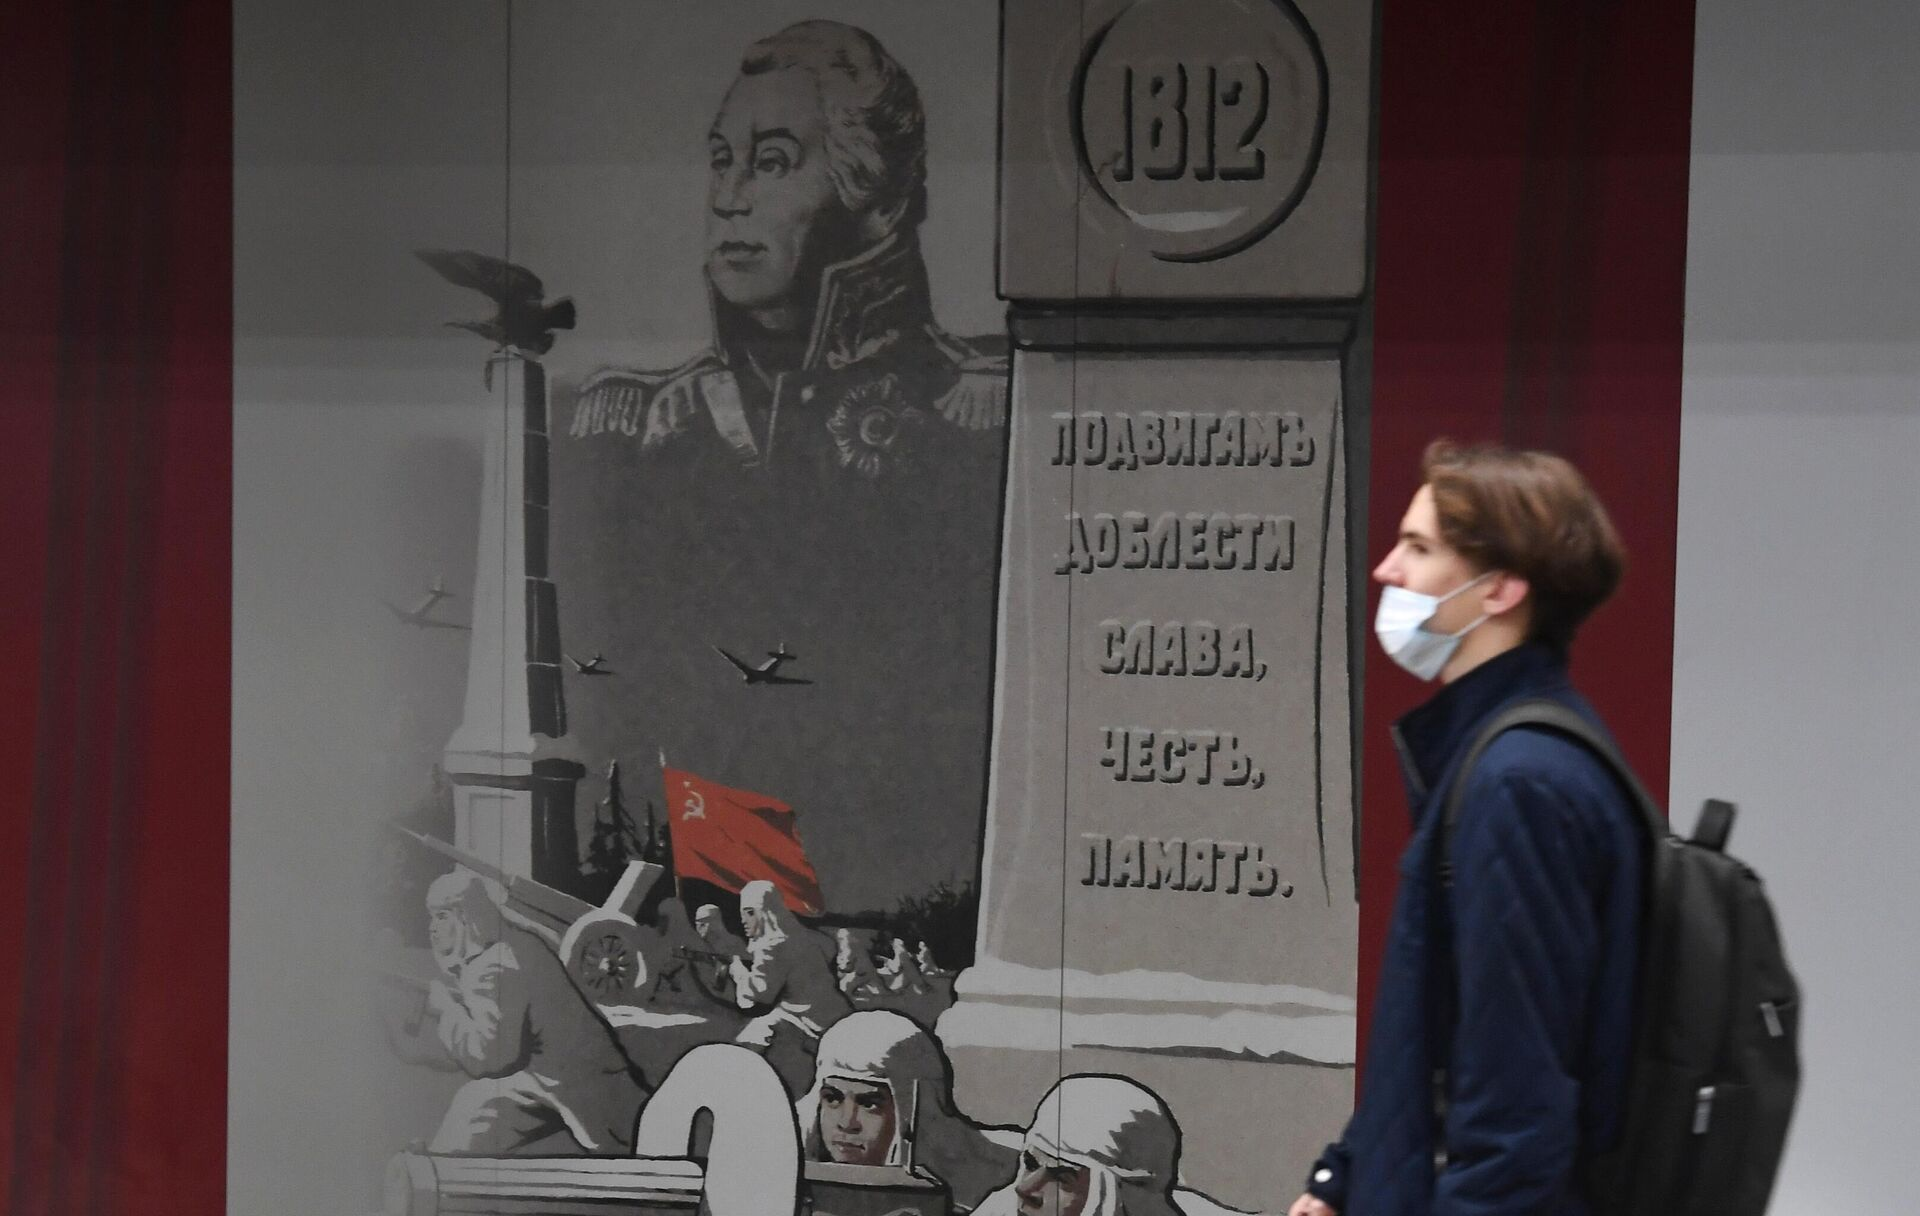 Открытие станций метро Мневники и Народное ополчение БКЛ  - РИА Новости, 1920, 15.04.2021